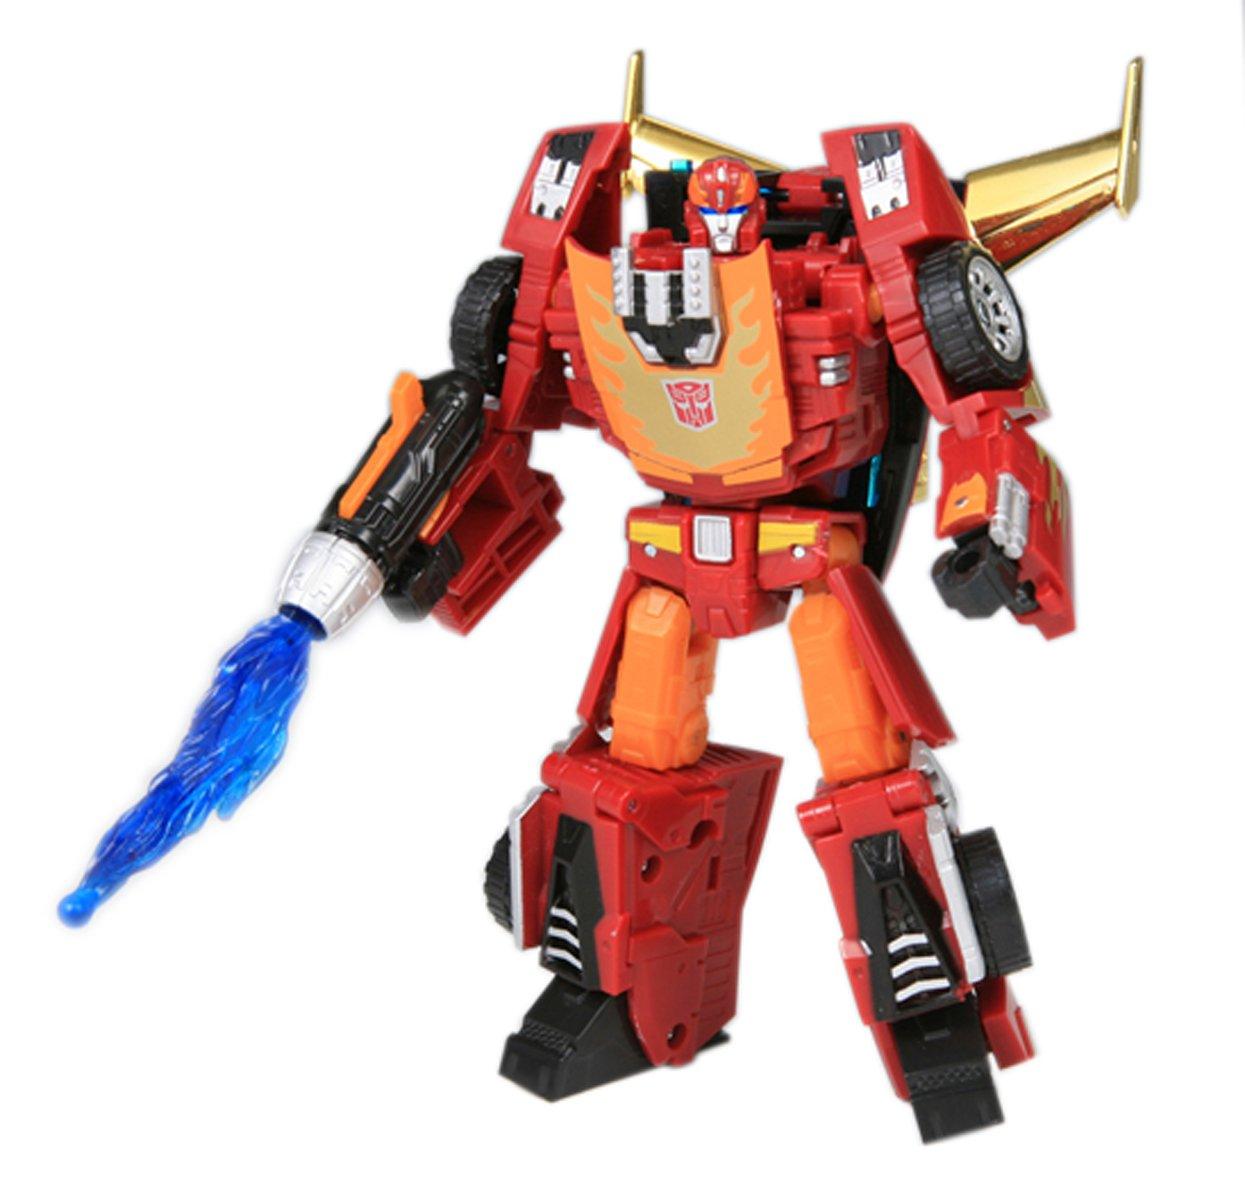 calidad garantizada Transformers deformation Deformation Transformers C-05 Hot Hot Hot Rodimus (japan import)  Venta en línea precio bajo descuento